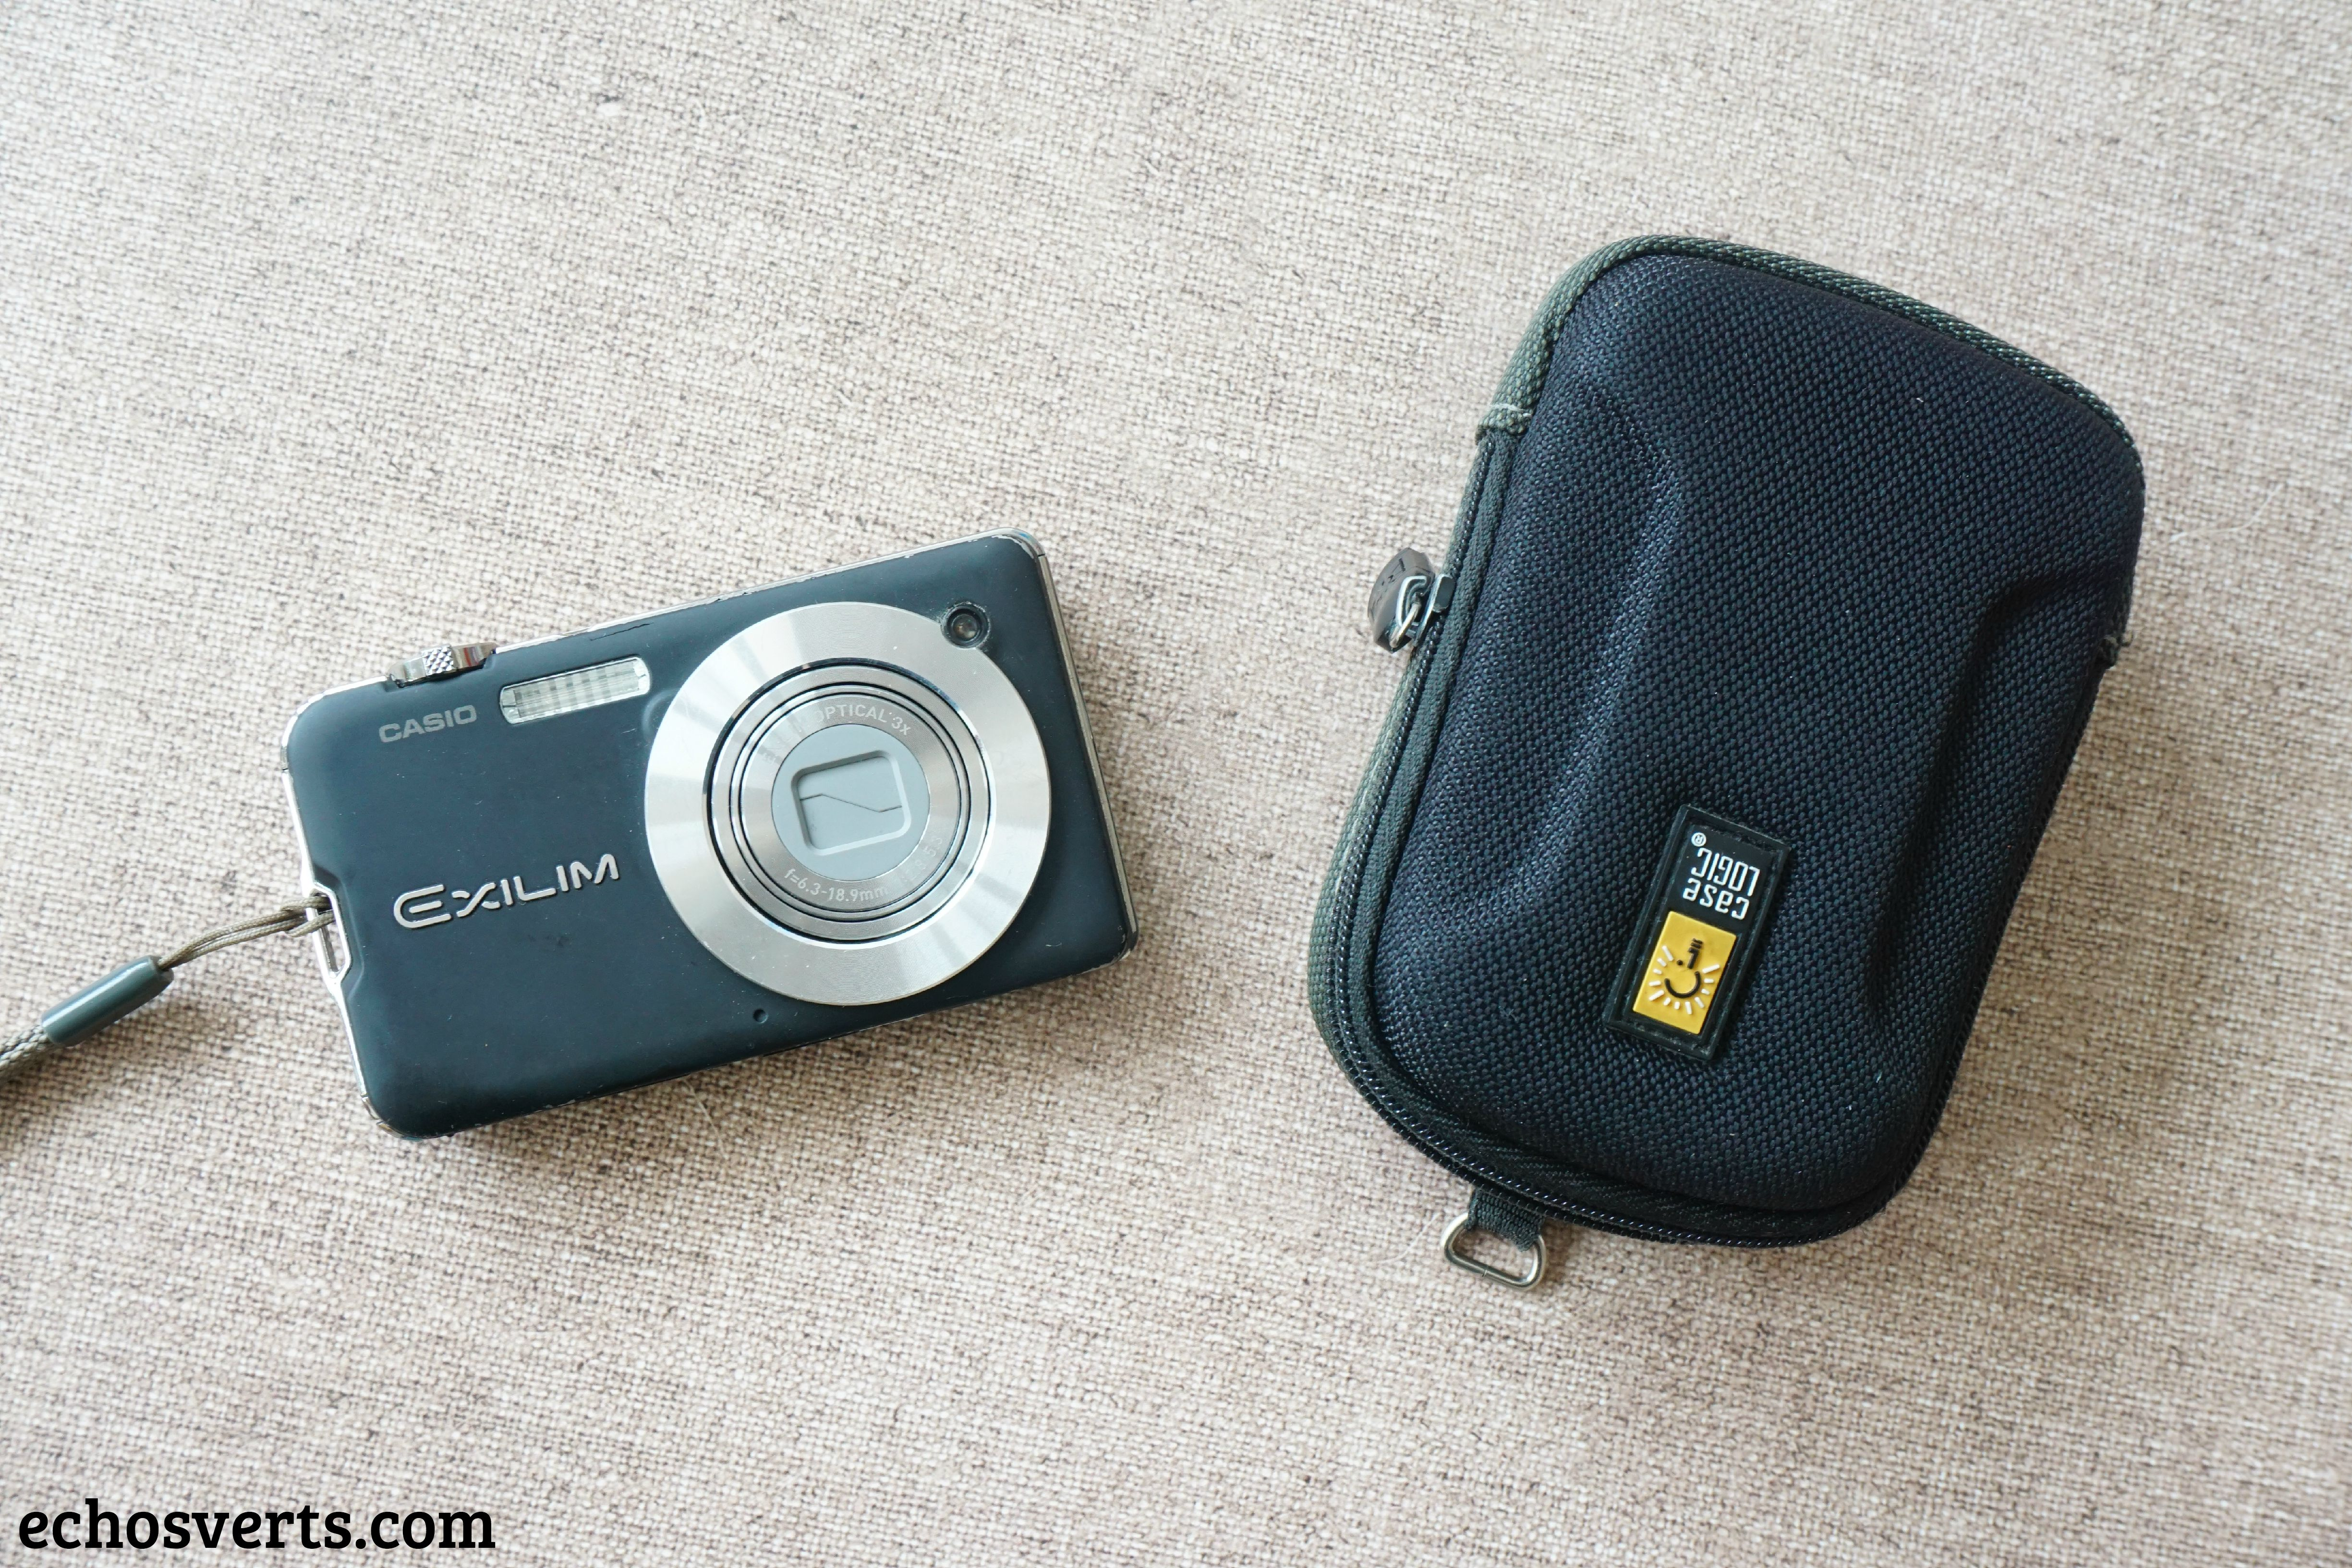 Créativité photographie echosverts.com